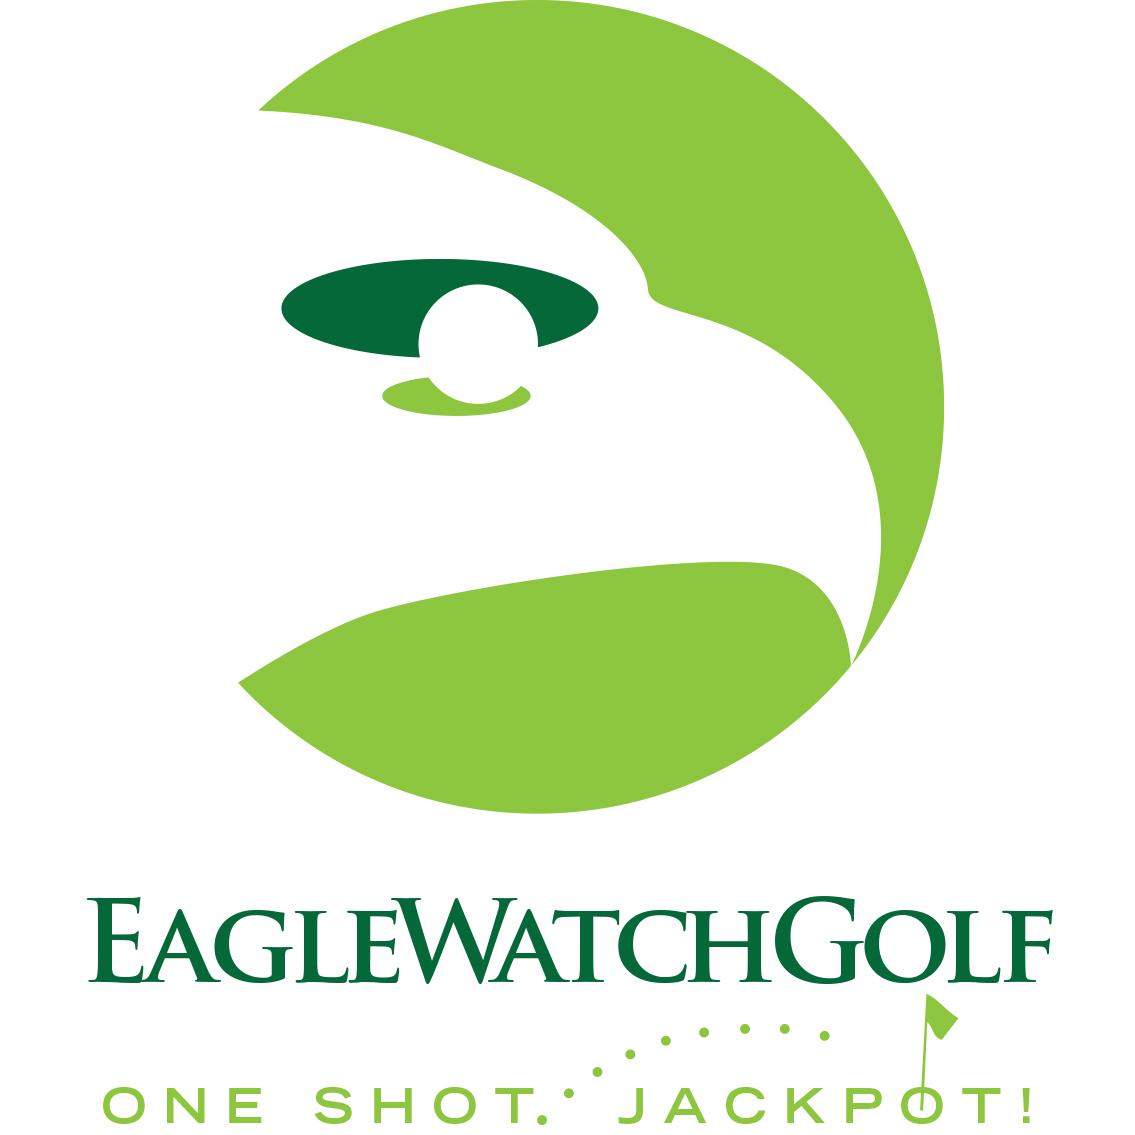 Eagle Watch Golf - Lexington, KY 40504 - (859)759-1344 | ShowMeLocal.com